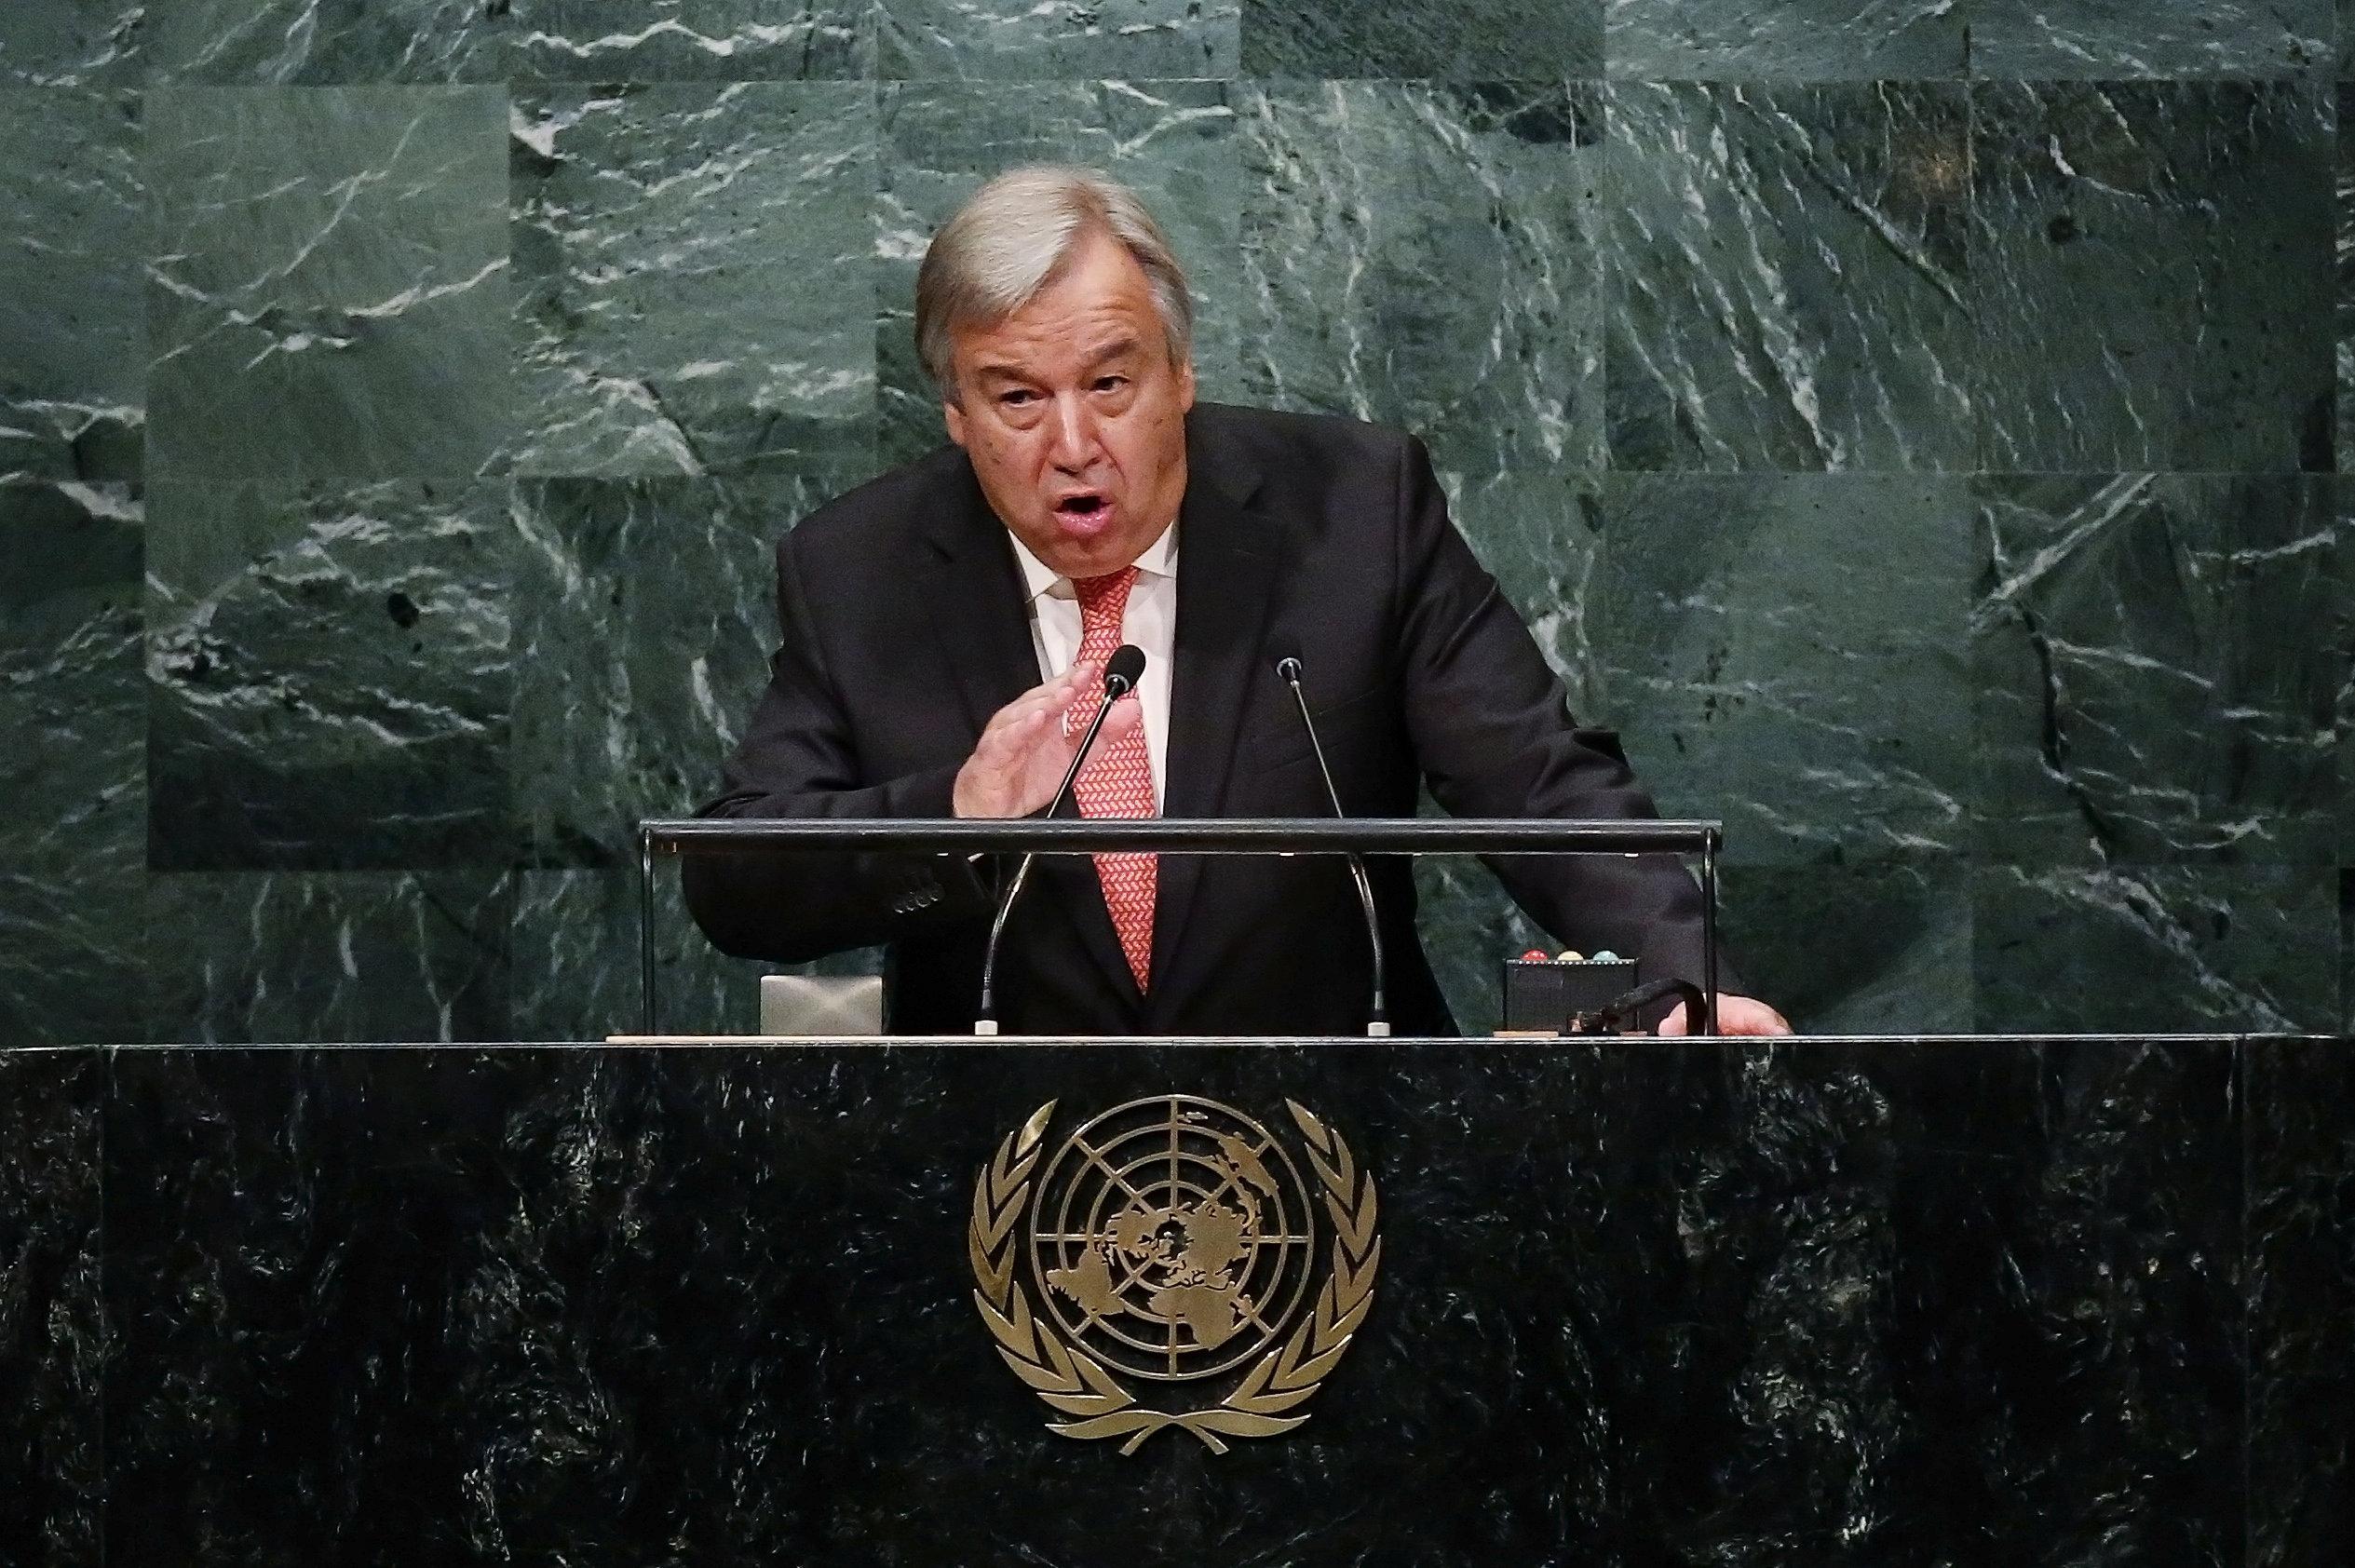 Выступления Антониу Гуттериша в ООН всегда становились заметными событиями. Источник http://sputnik.by/